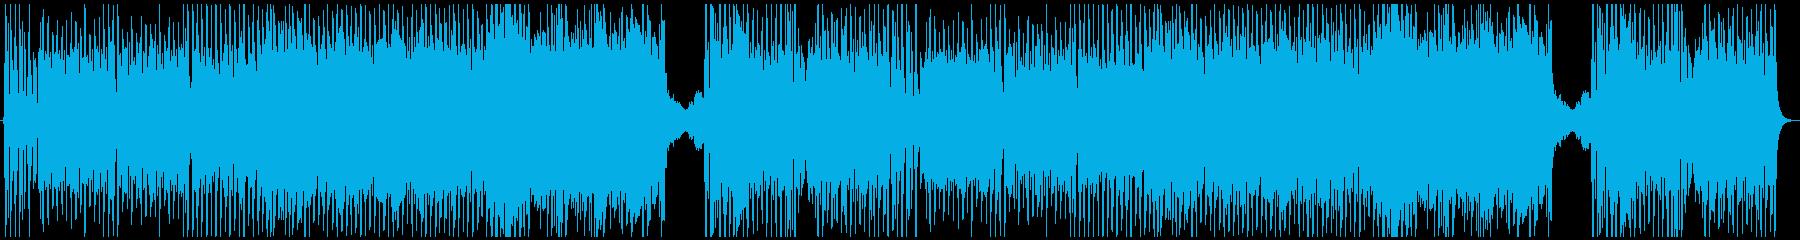 ポップなゴシックオーケストラの再生済みの波形